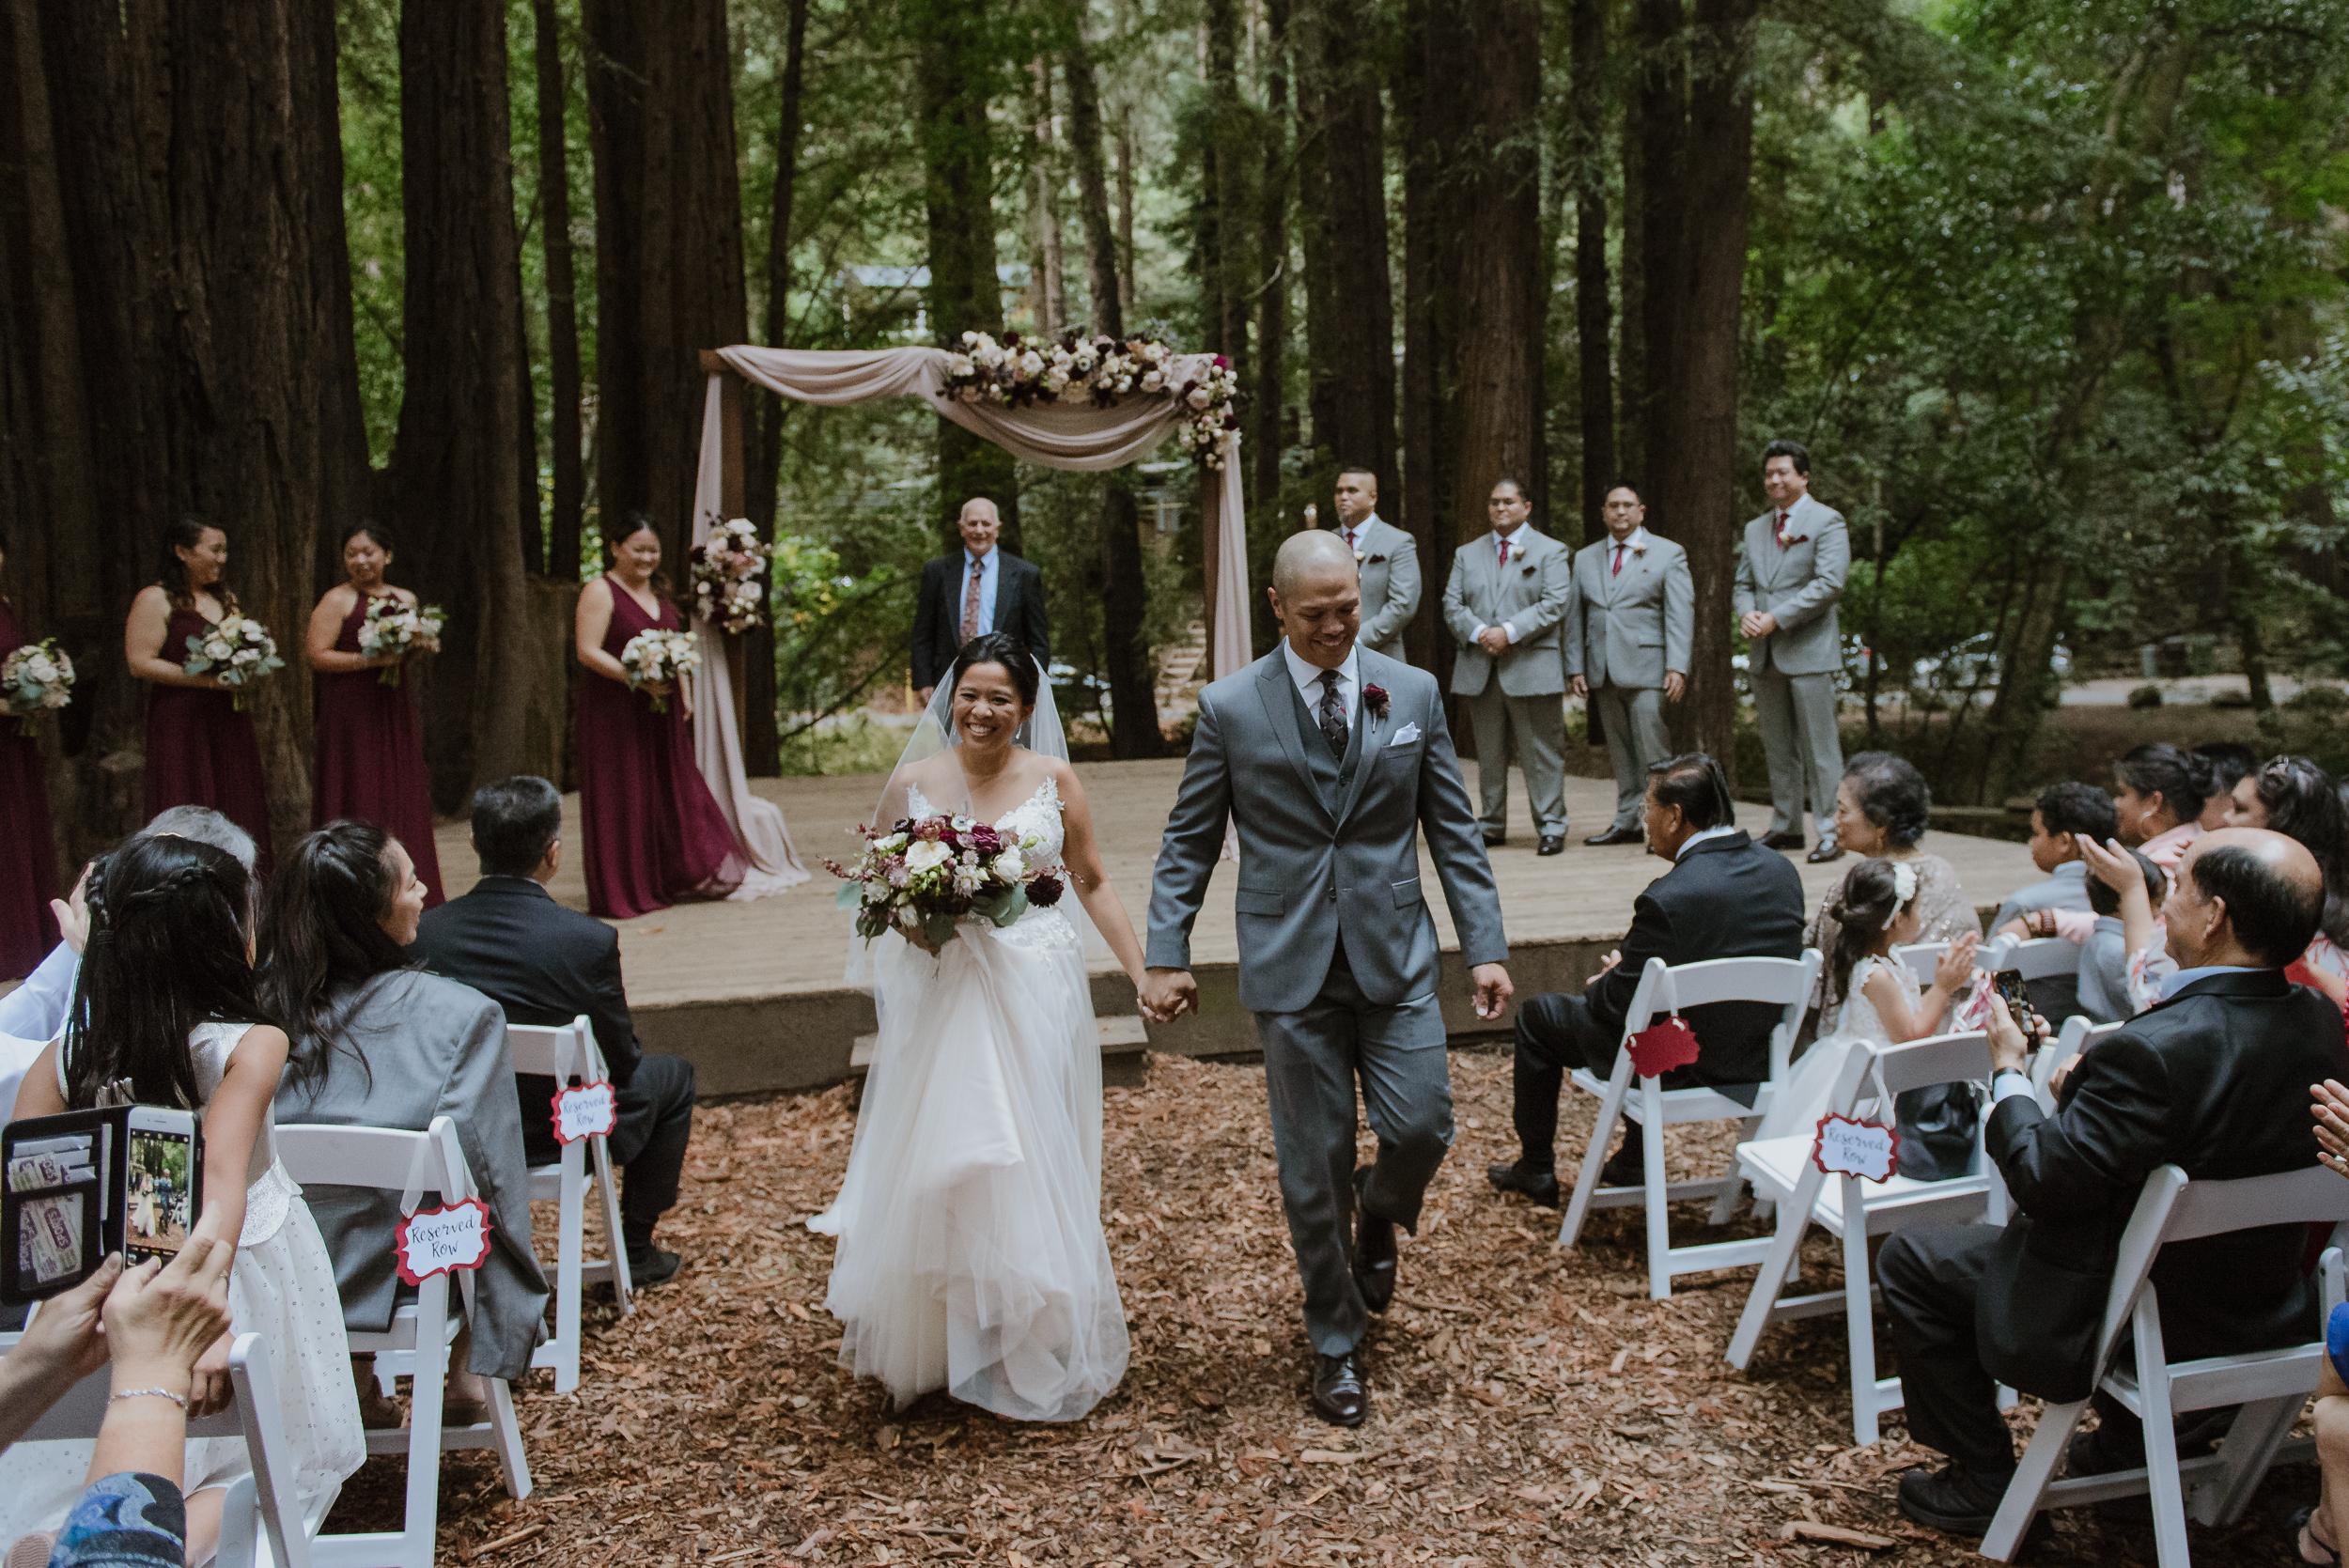 42-old-mill-park-mill-valley-community-center-wedding-vivianchen-404.jpg